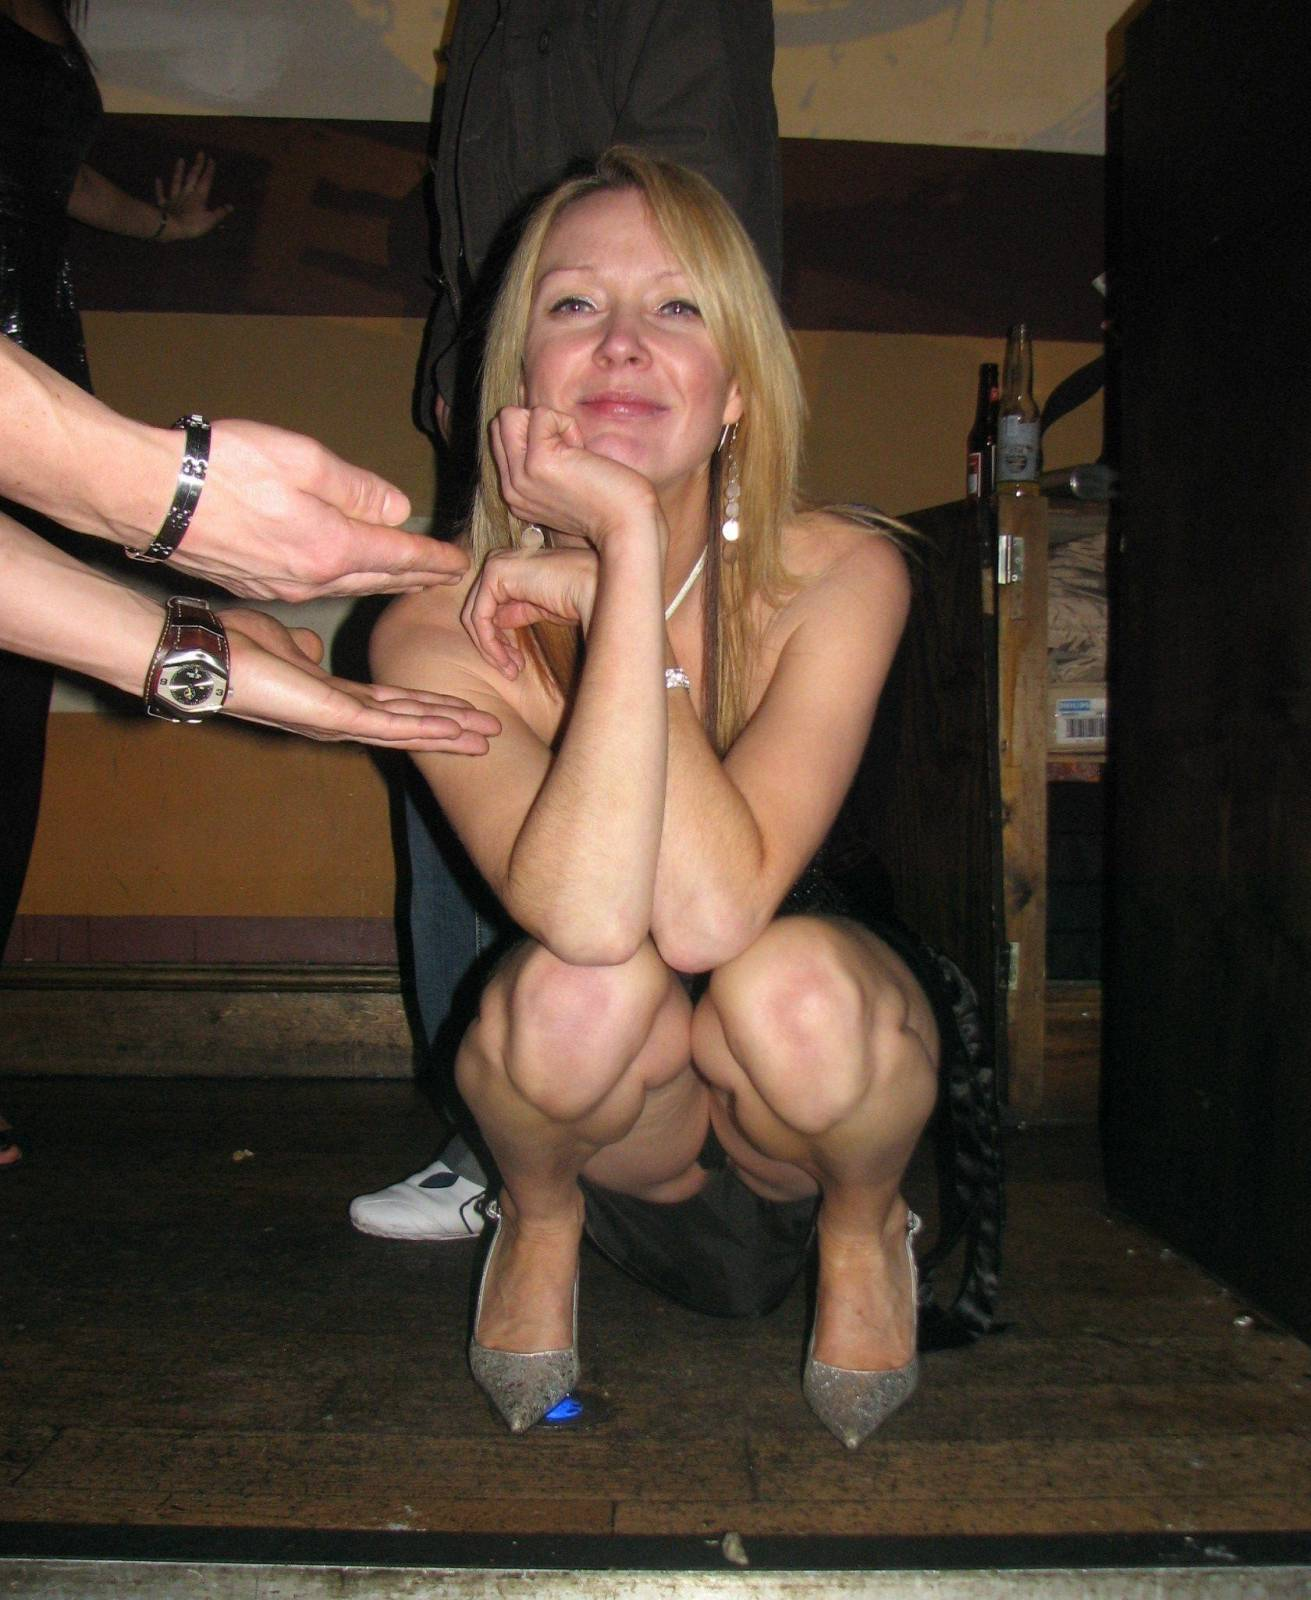 Сидячий upskirt телок девок в городе 9 фотография